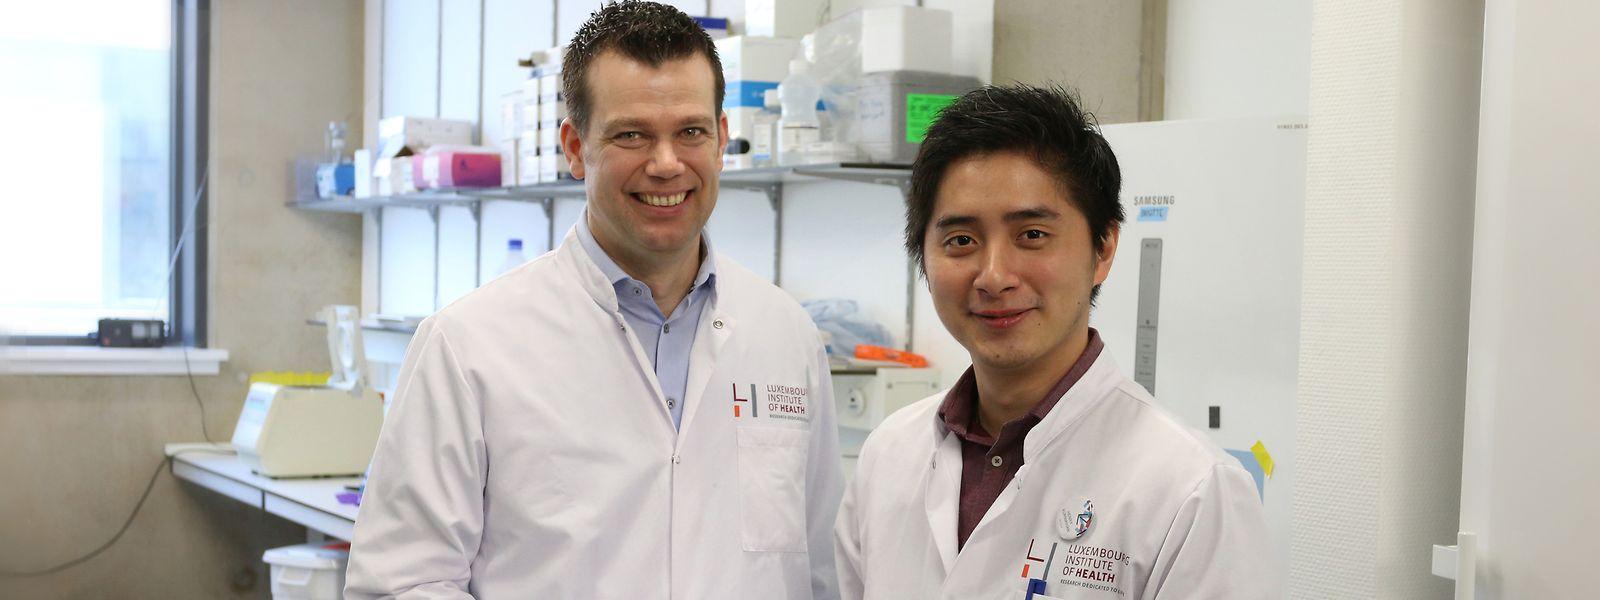 Freuen sich über ihren Forschungserfolg: Dirk Brenner (l.), Leiter der Experimentellen & Molekularen Immunologie, und Doktorand Henry Kurniawan, Erstautor der Studie.